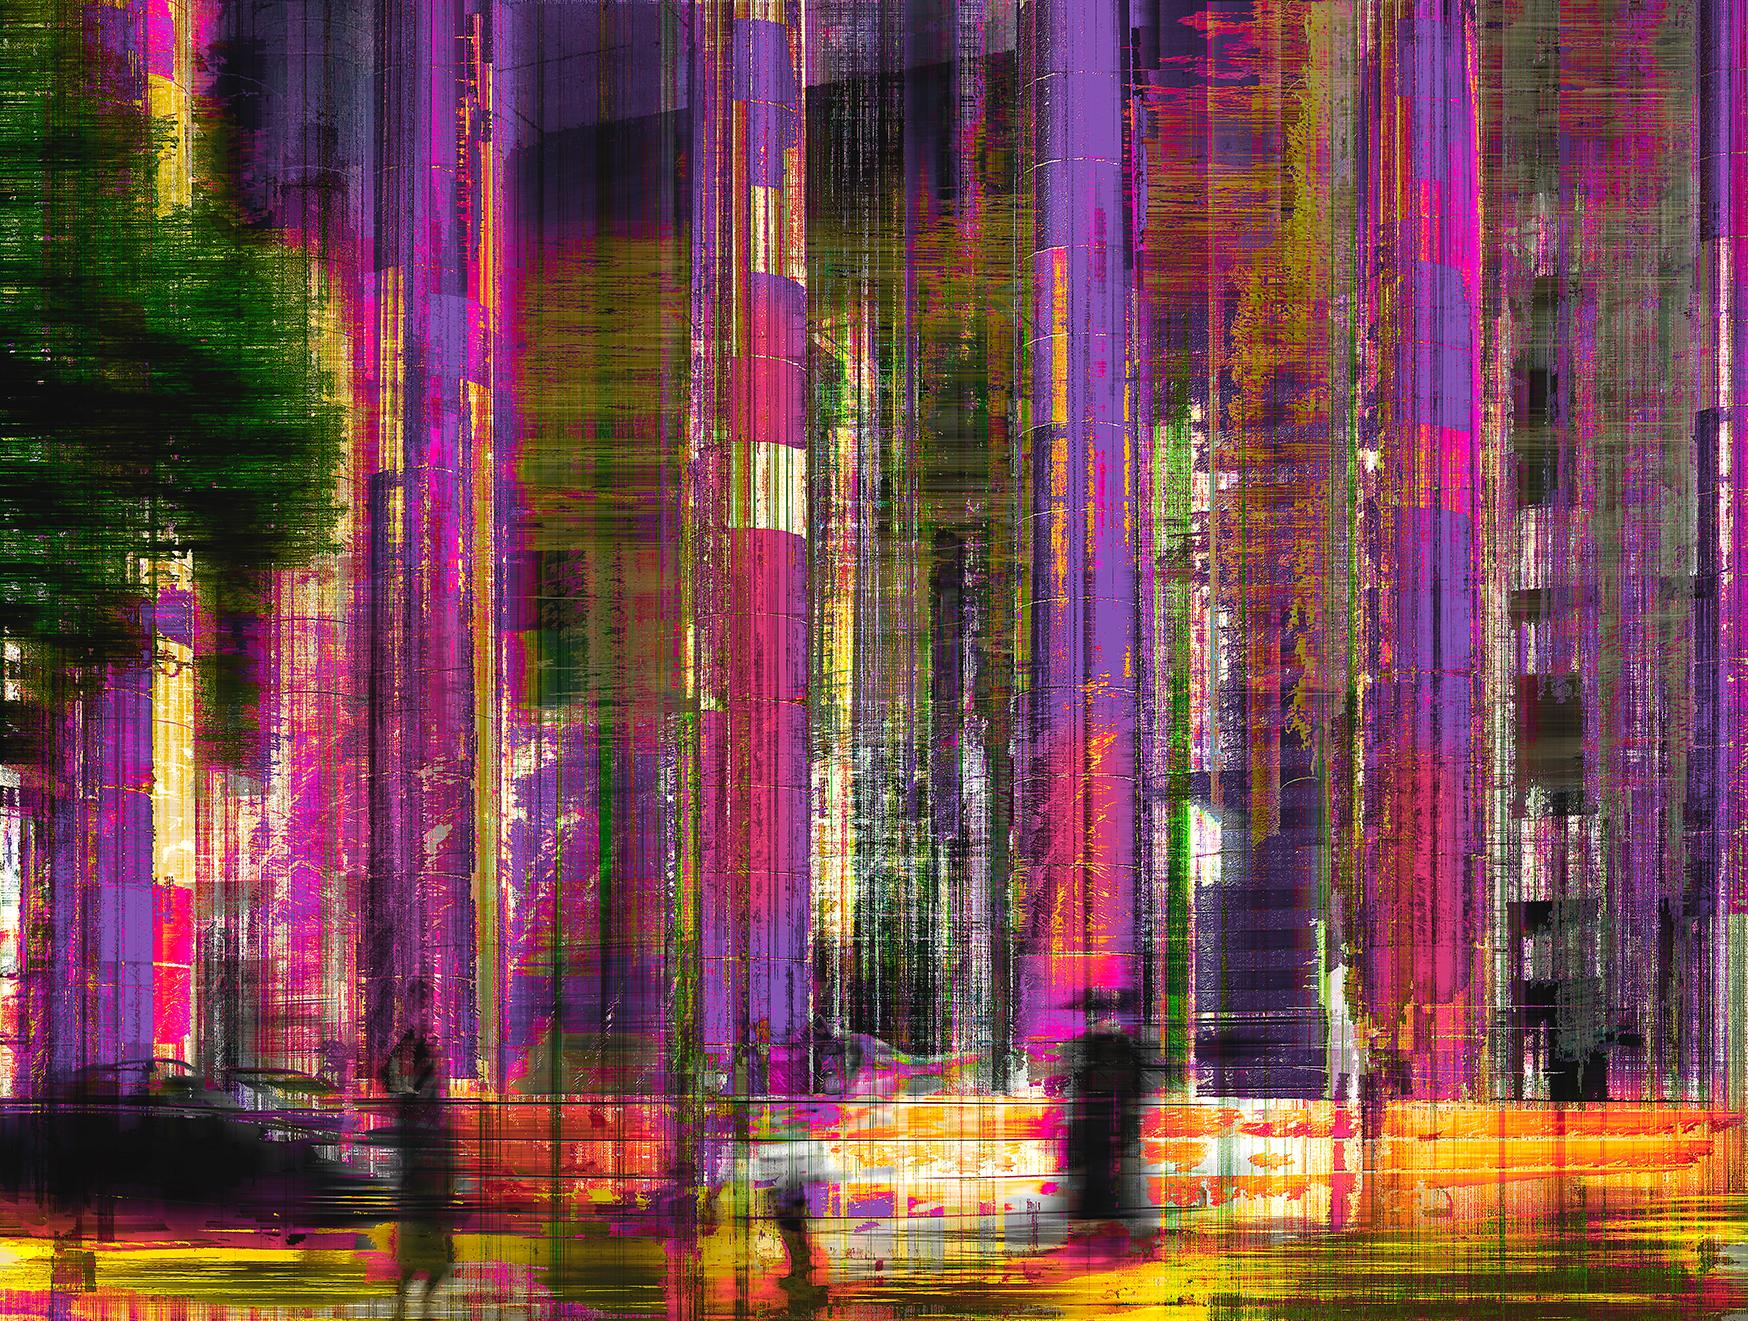 4173-Pudong-Palace-2-60x80-web-Jens-Christian-Wittig-jcw-foto